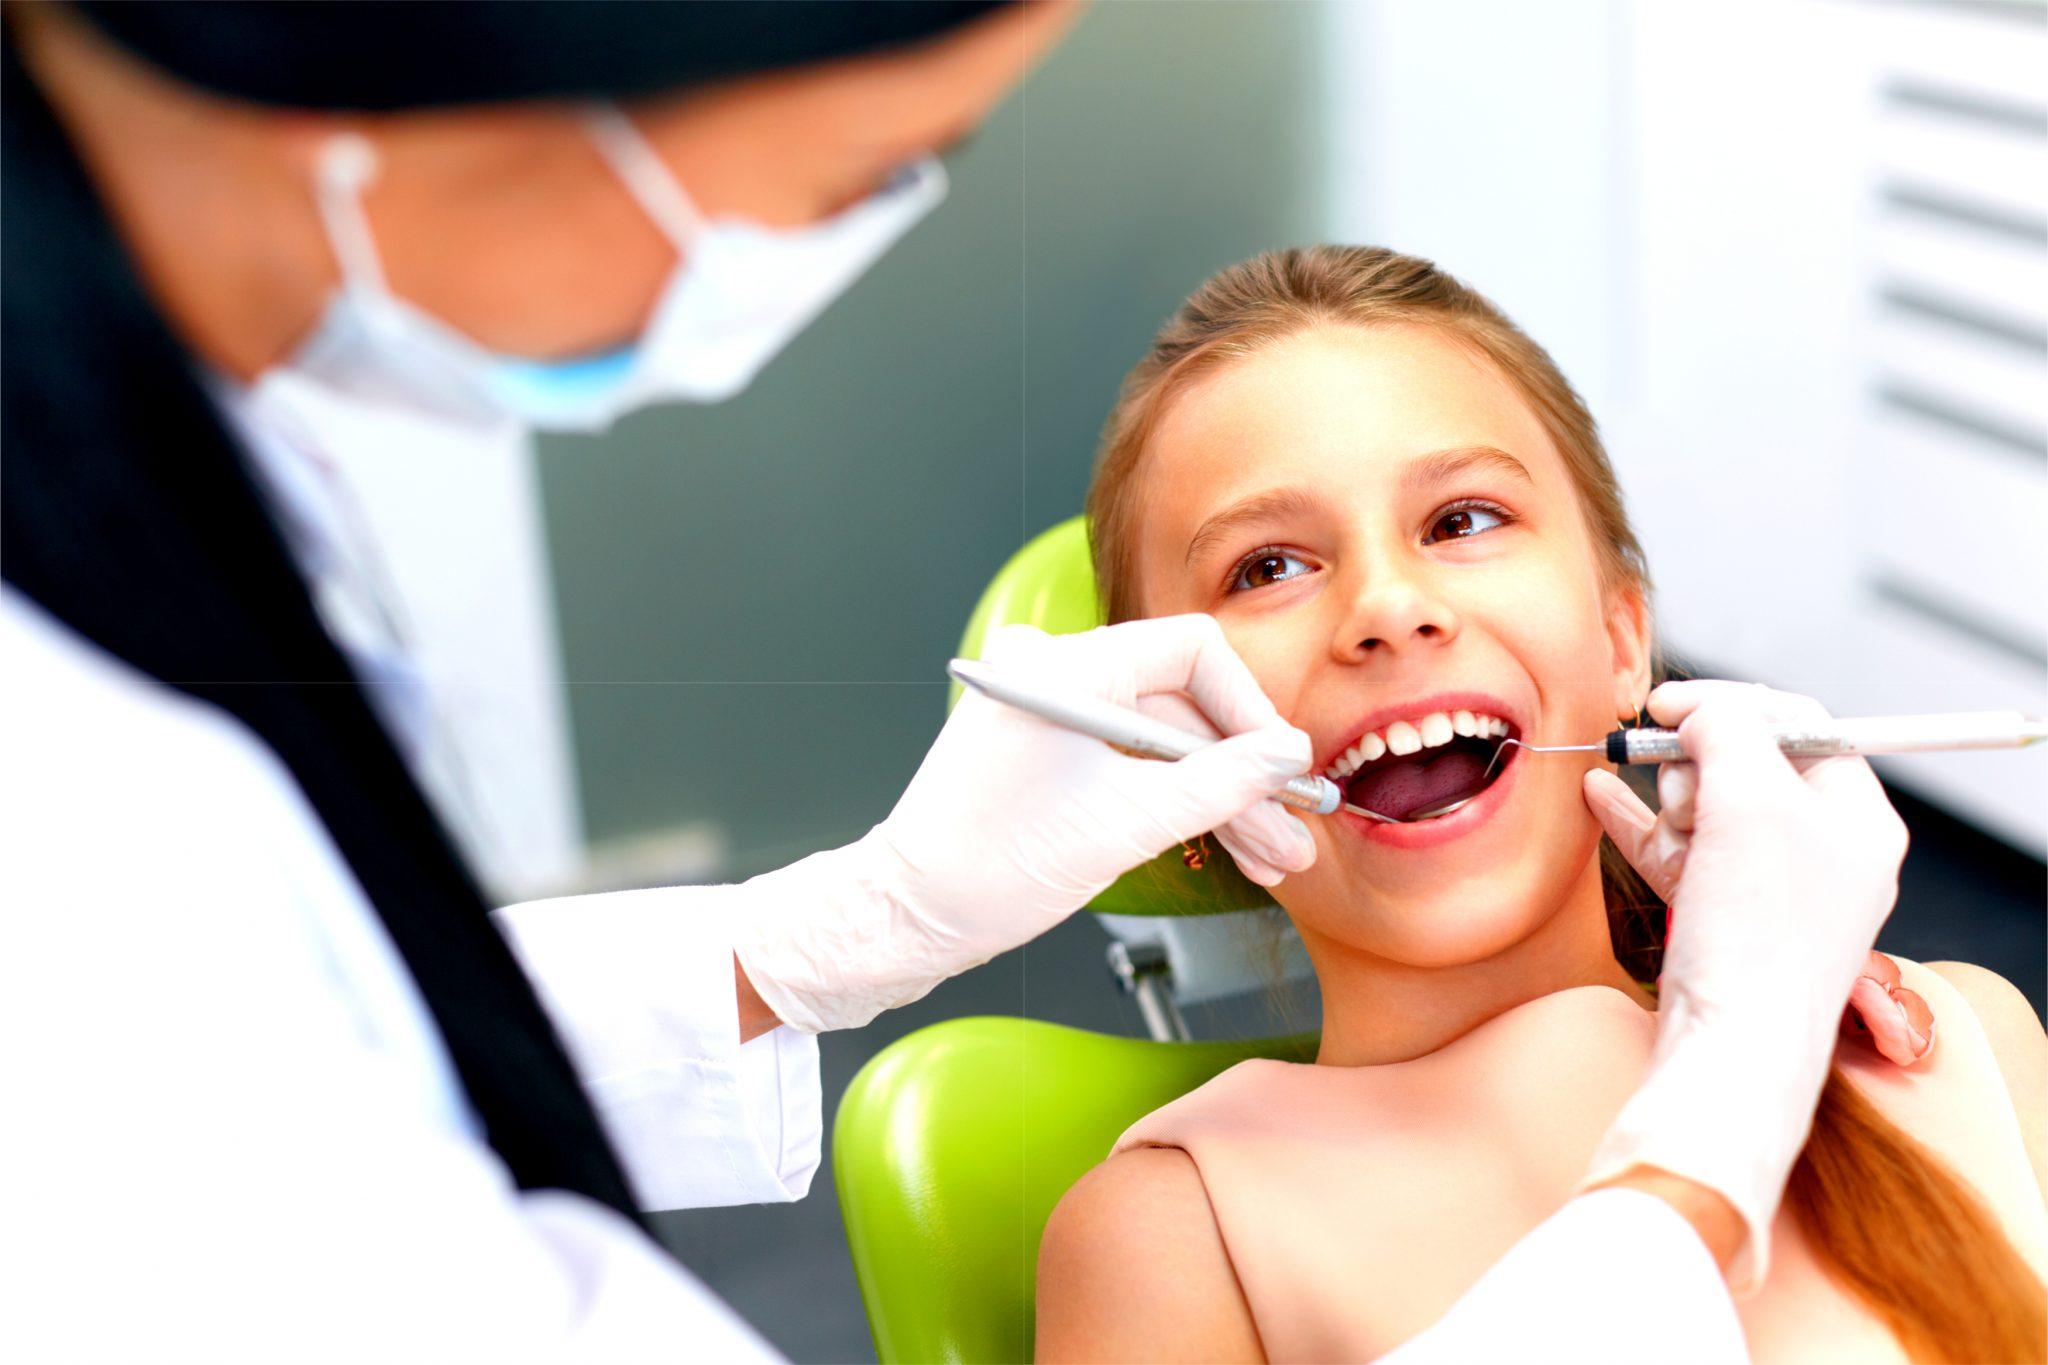 歯のメンテナンスしてる子ども